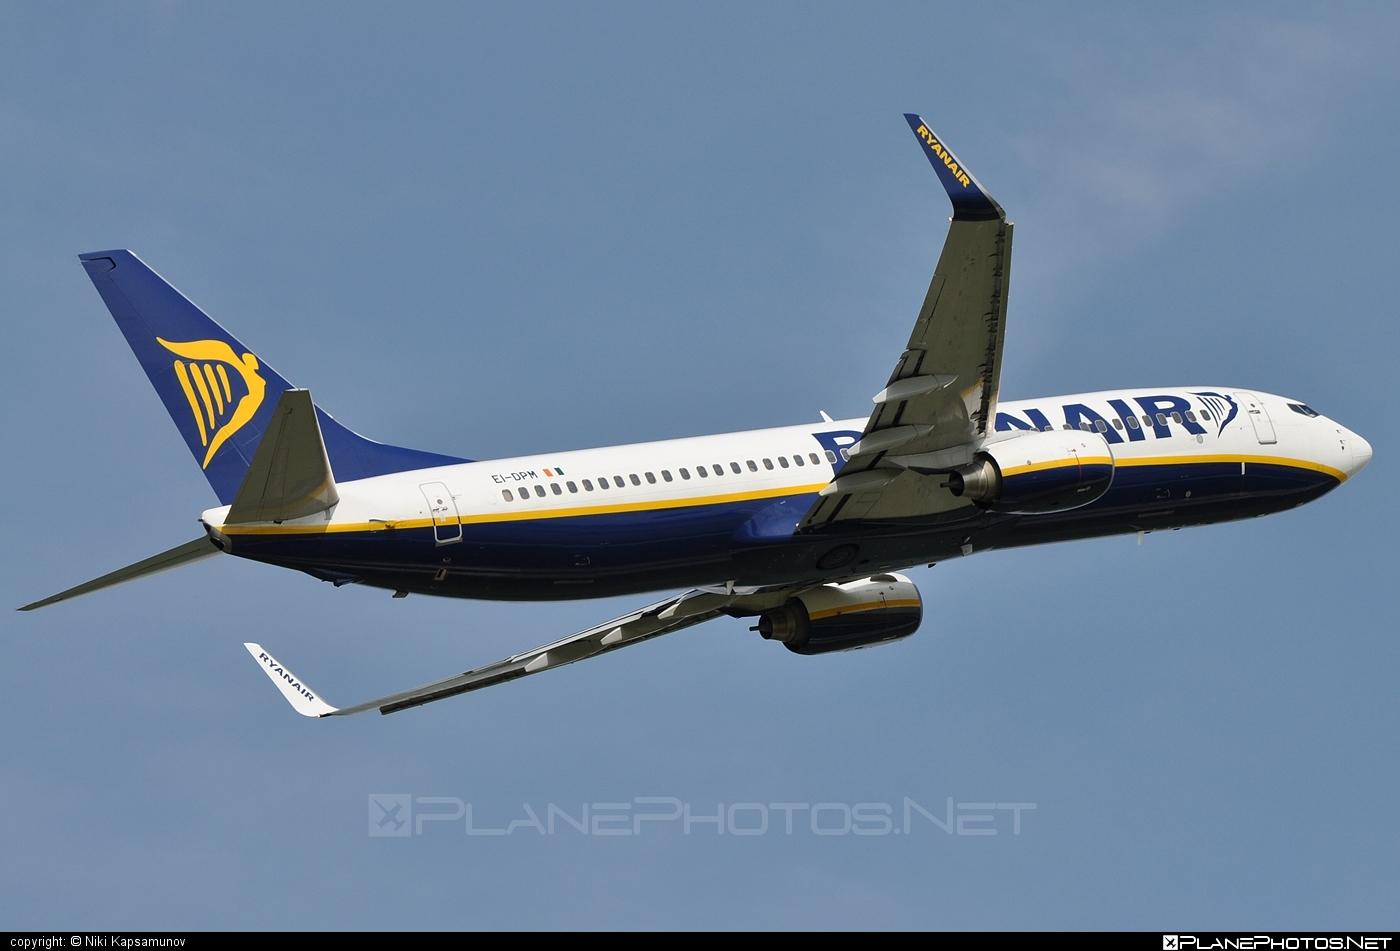 Boeing 737-800 - EI-DPM operated by Ryanair #b737 #b737nextgen #b737ng #boeing #boeing737 #ryanair